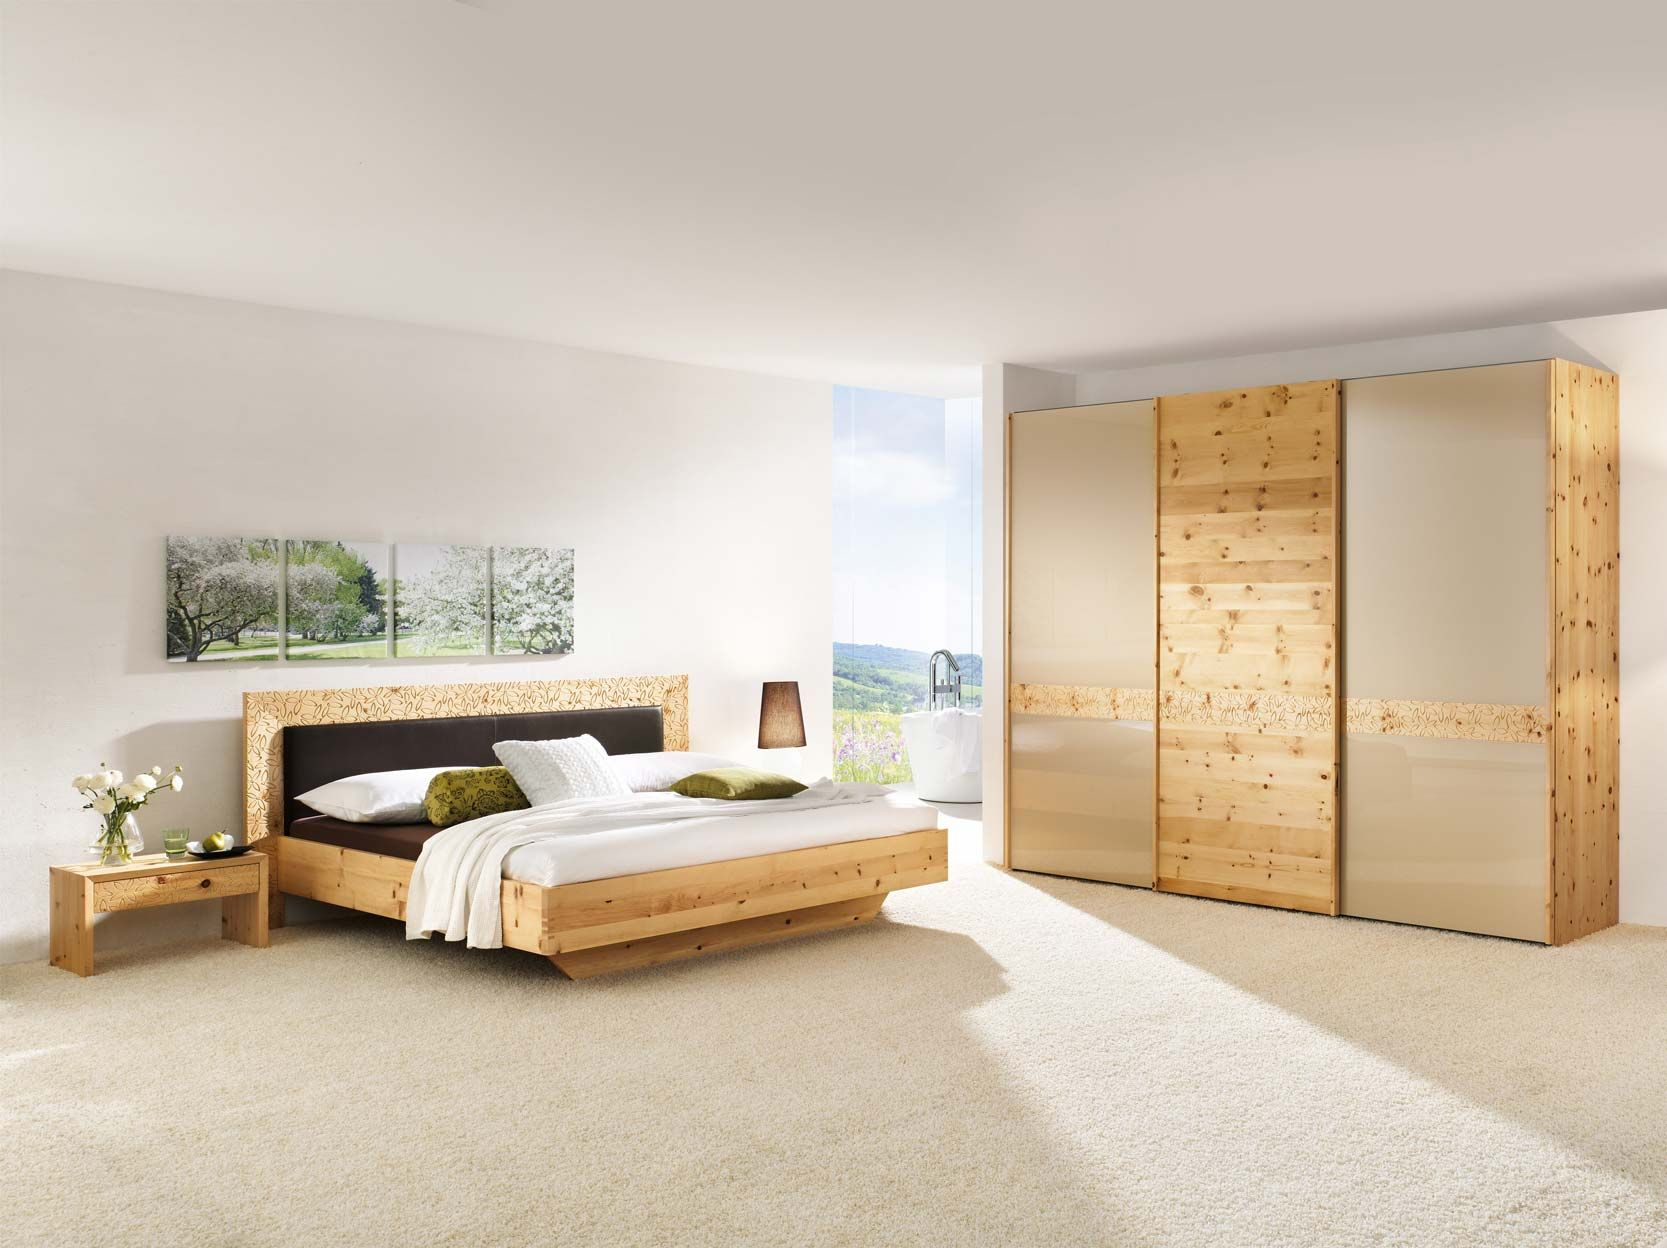 schlafzimmer zirbe uncategorized : tolles tolles schlafzimmer, Schlafzimmer ideen